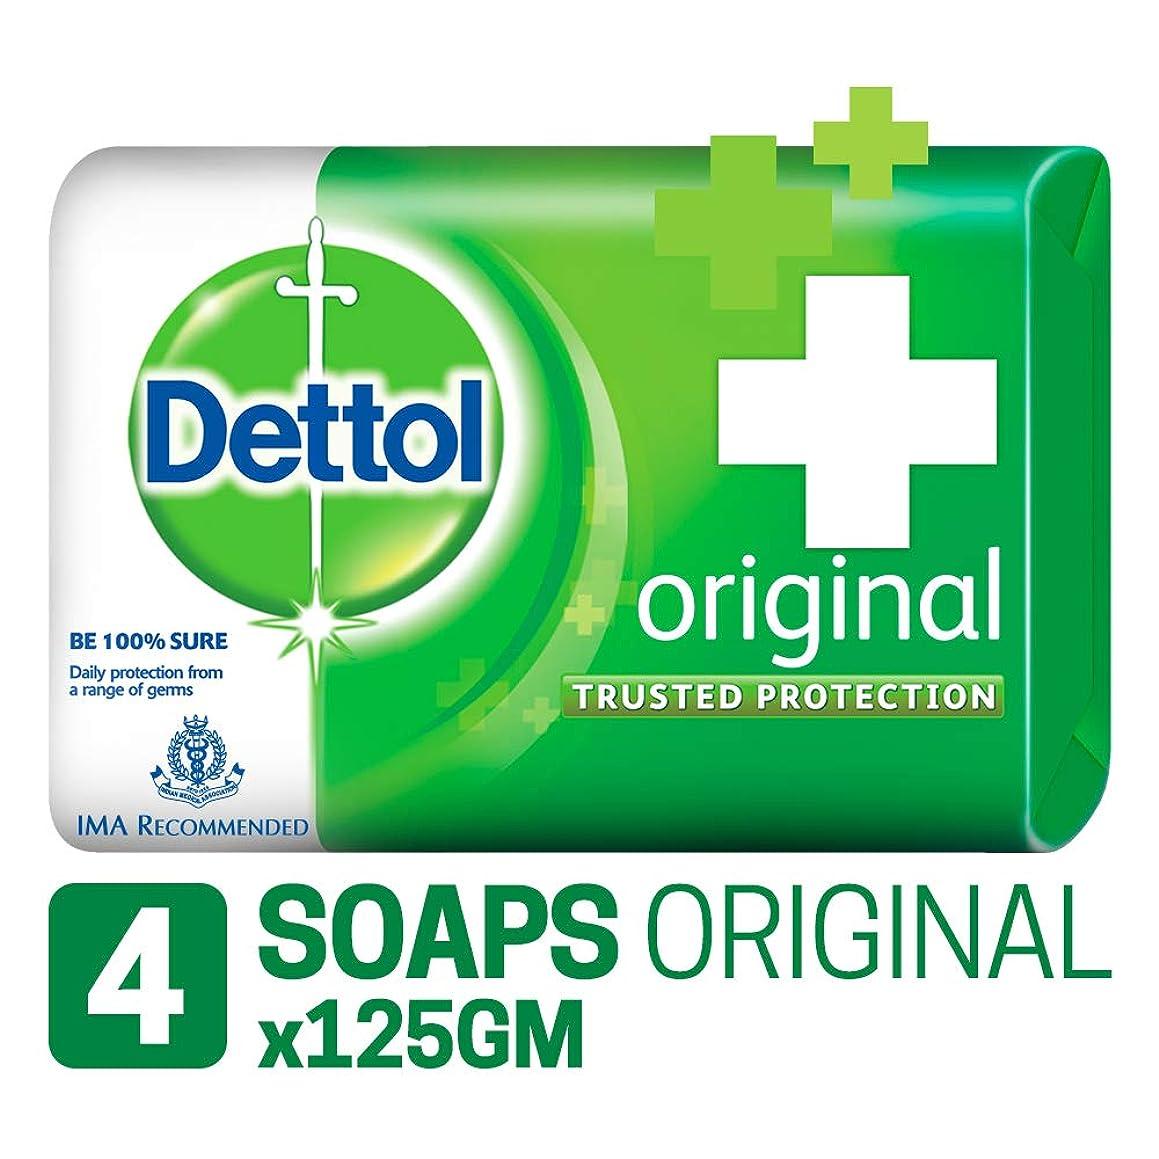 砲撃無視できるで出来ているDettol Original Soap, 125g (Pack Of 4) SHIP FROM INDIA